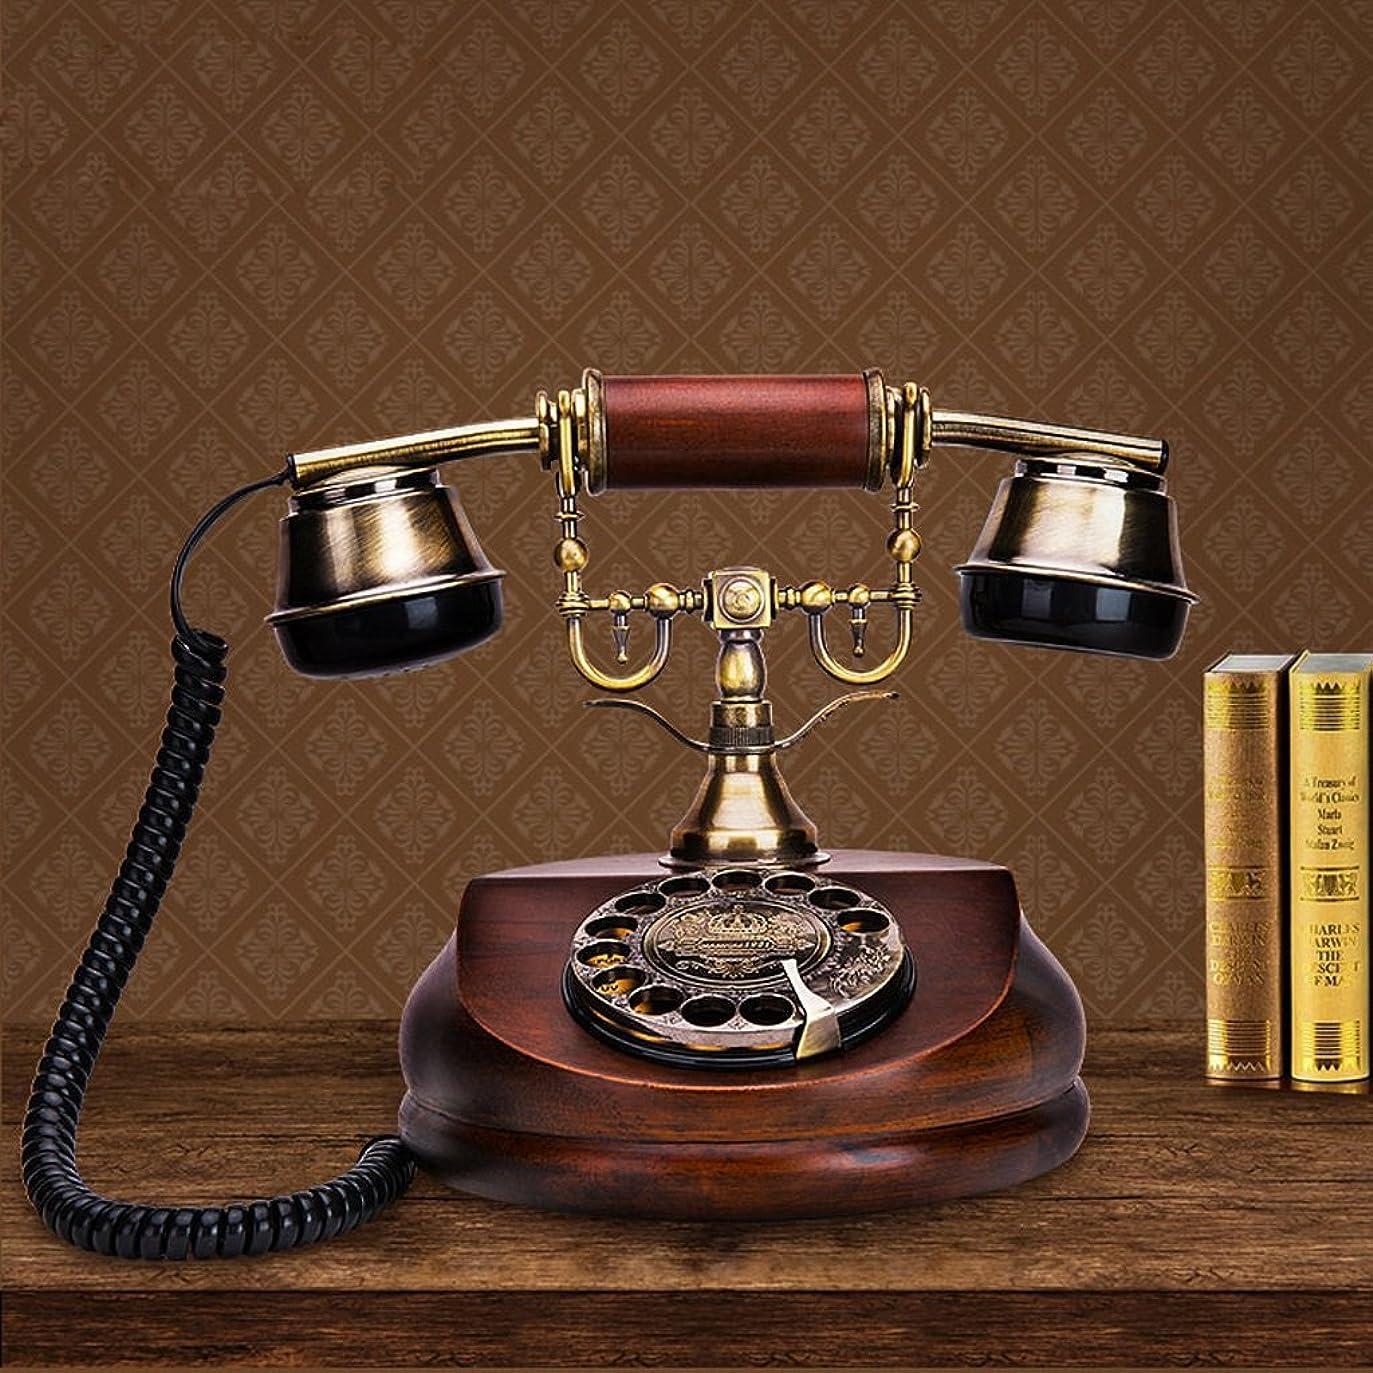 洗剤め言葉スチールLvhayon 電話 ヨーロピアンスタイルのアンティーク電話ローテーションレトロなオフィスホーム固定電話のアメリカのファッションクリエイティブは電話木を修正しました。